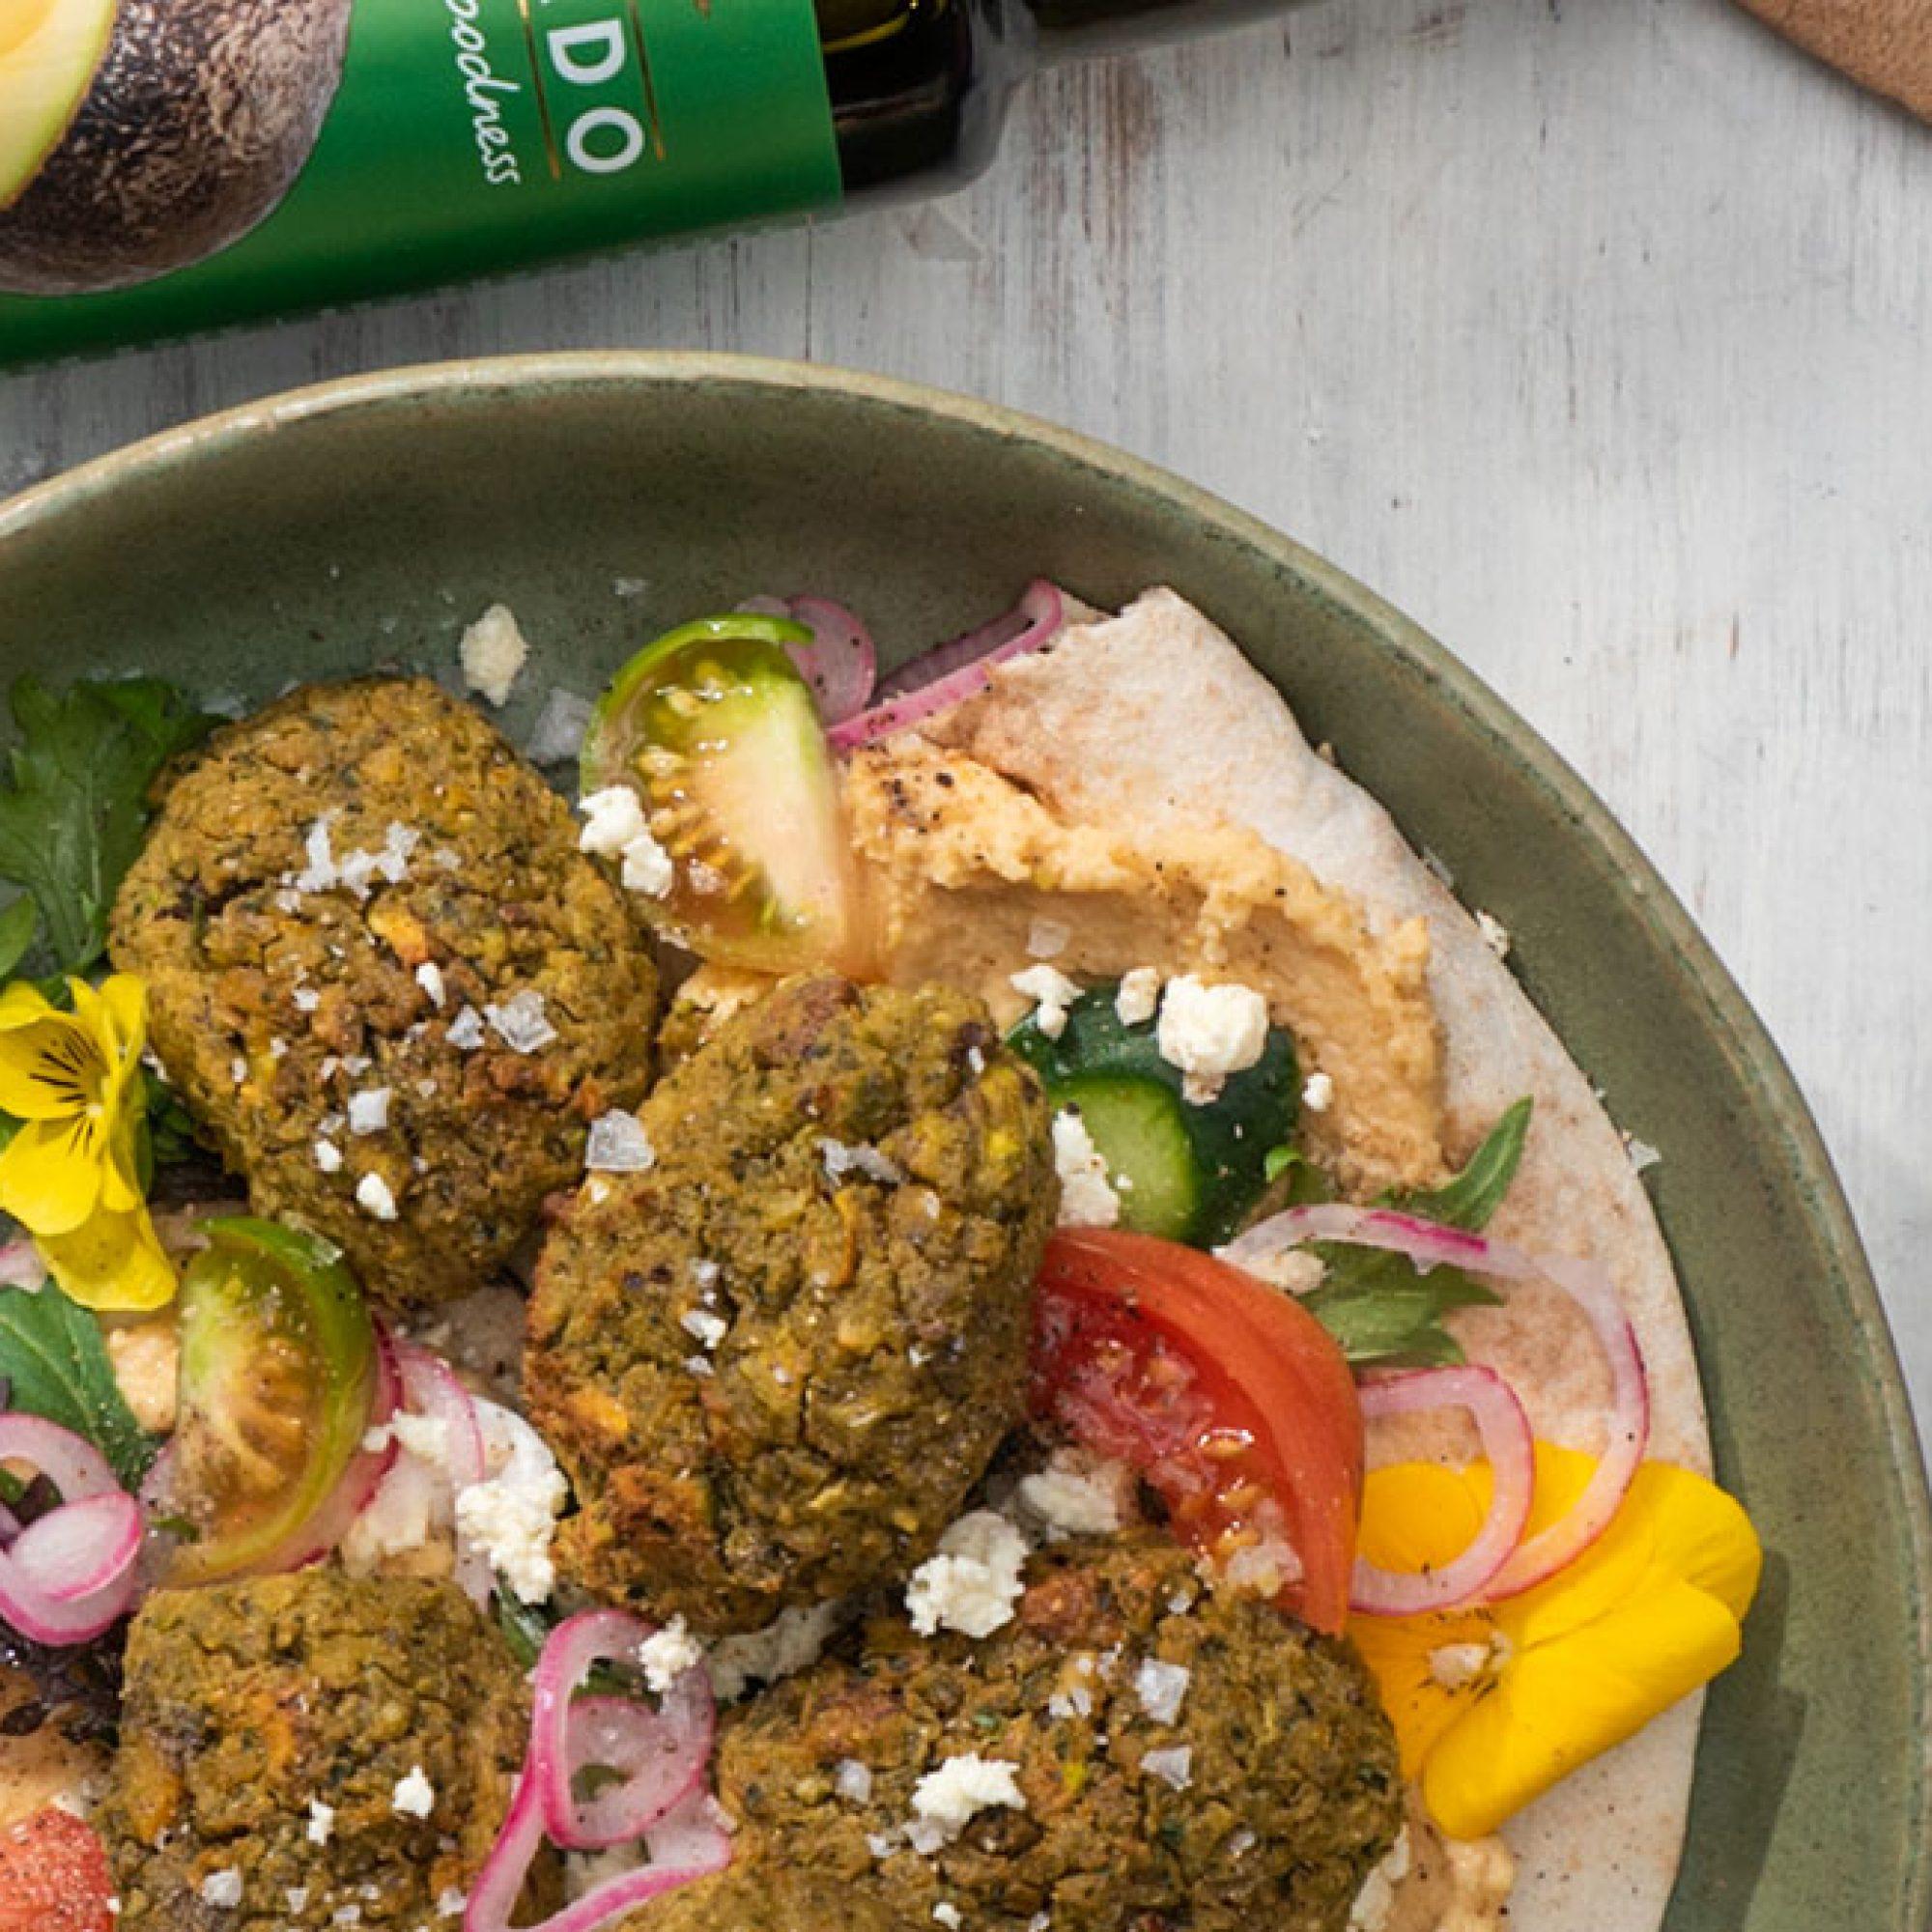 Pistachio falafel recipe